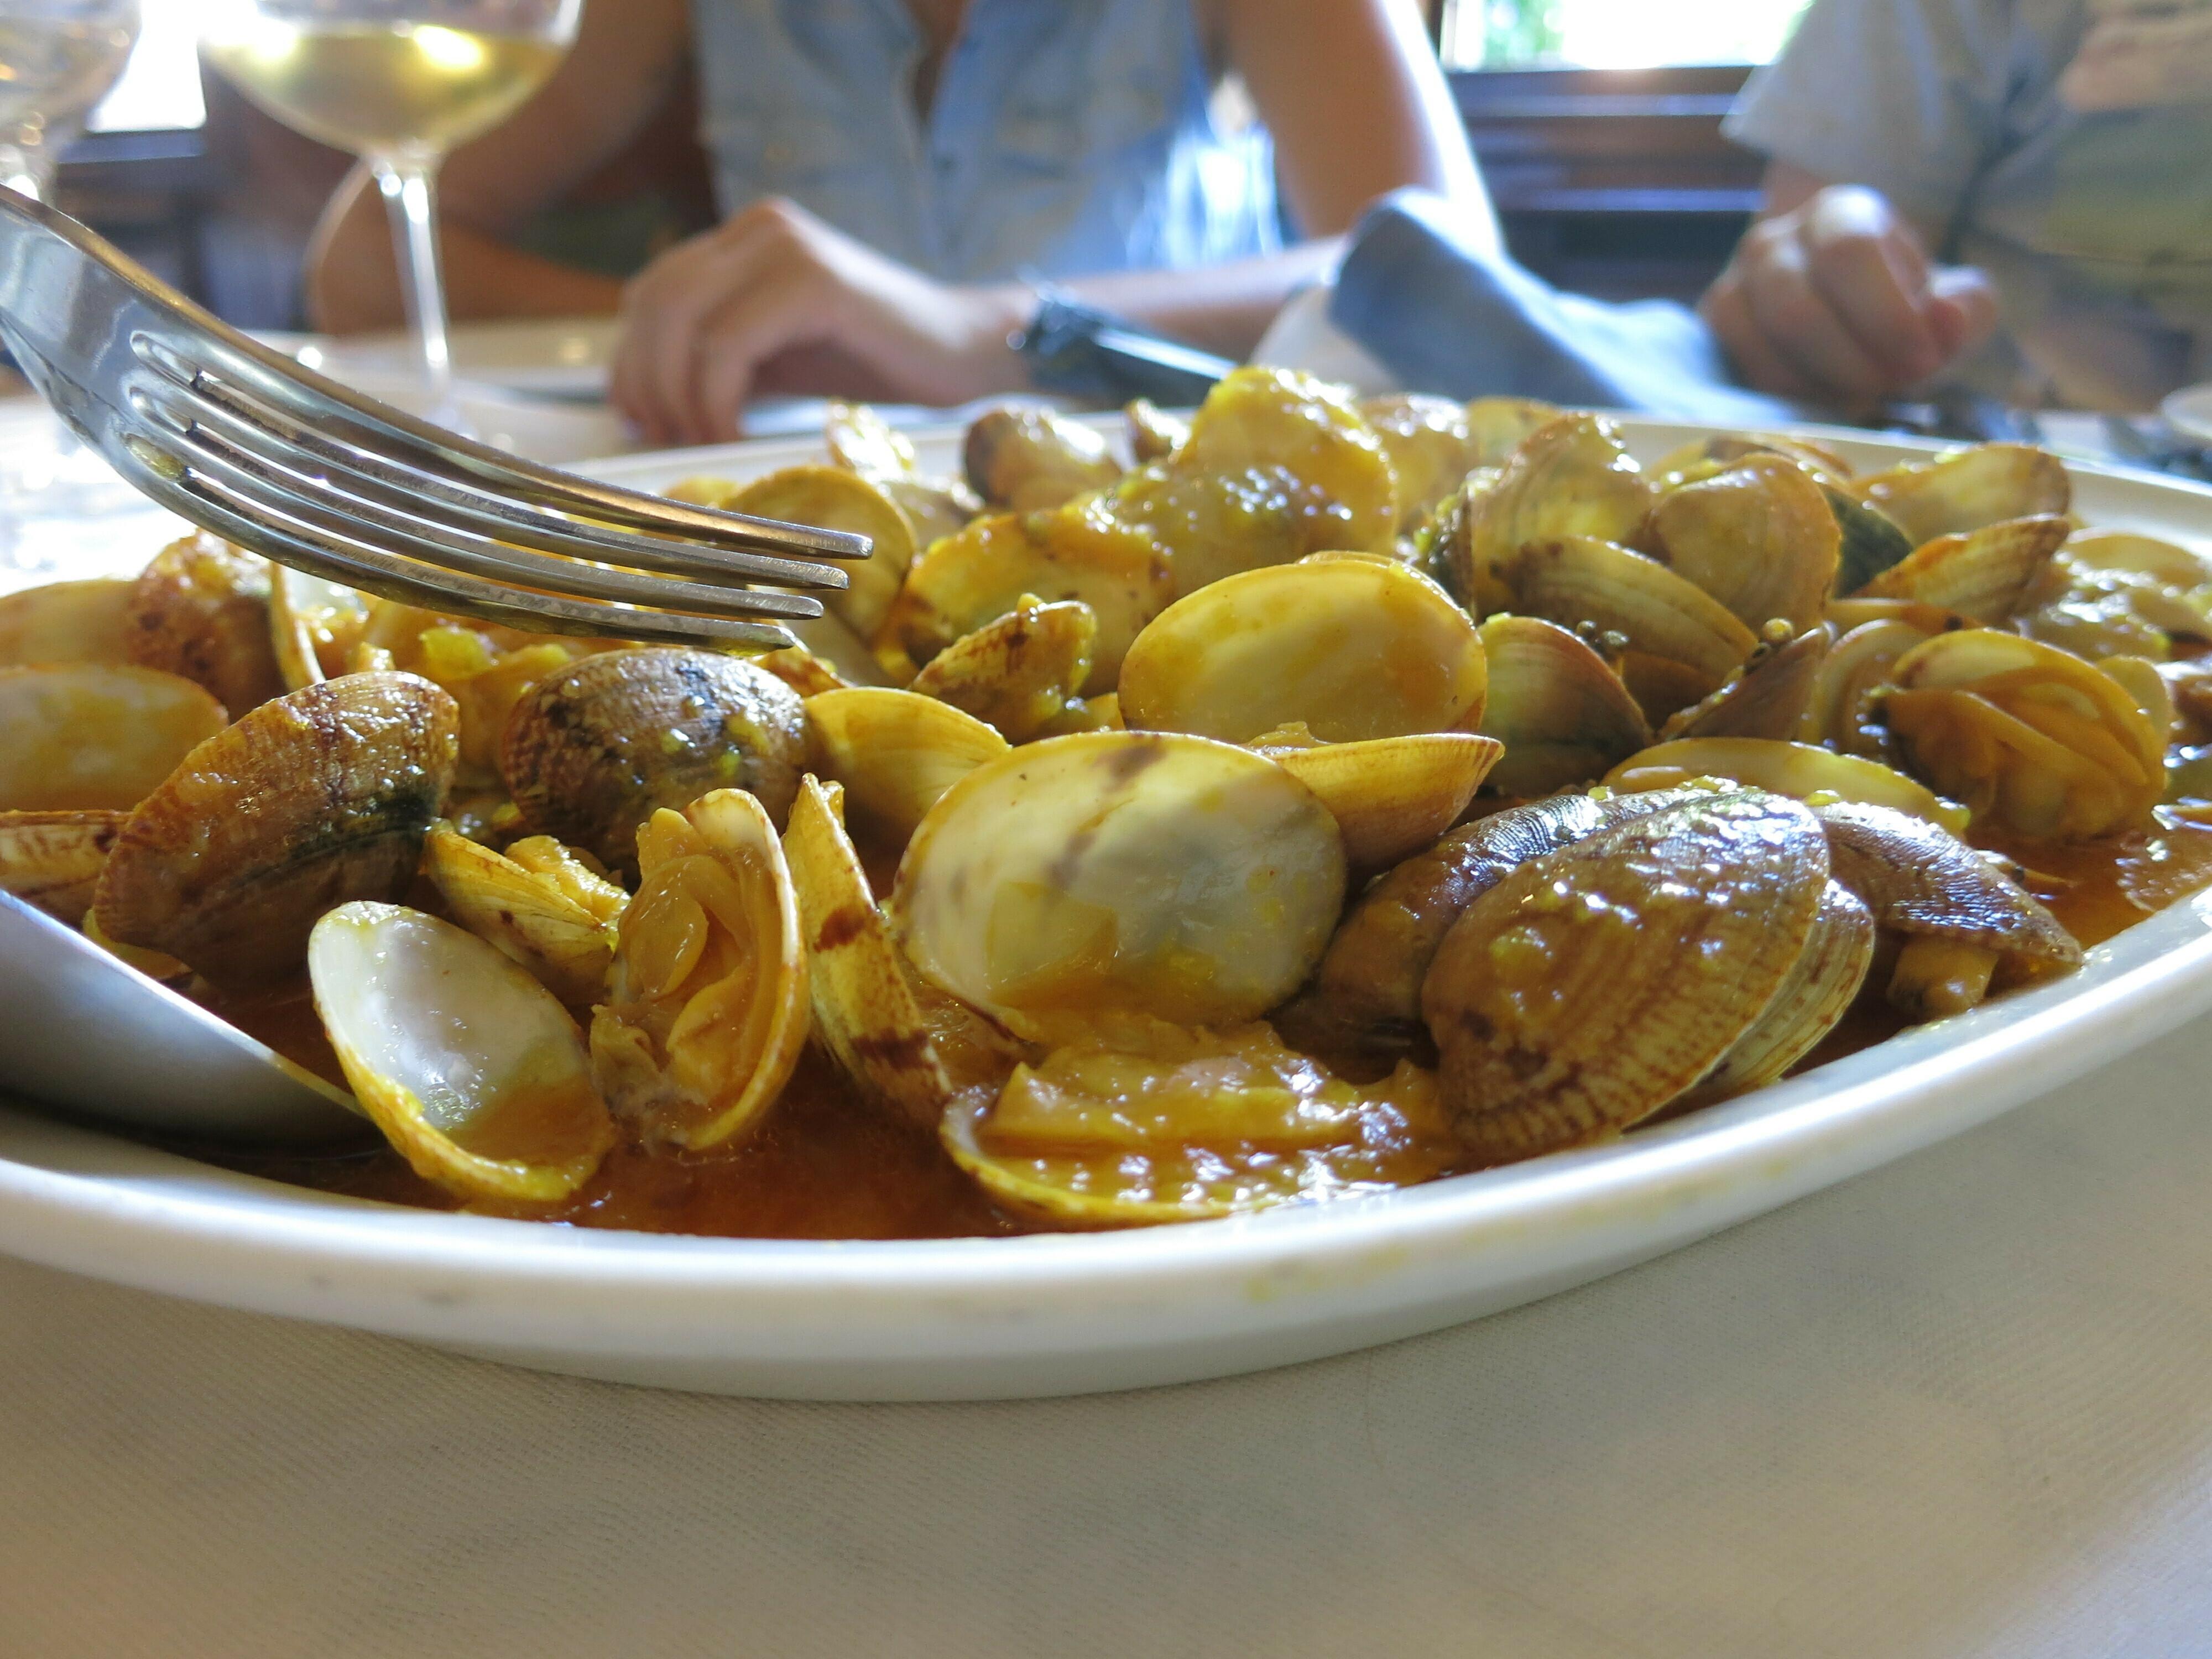 Auswandern nach Spanien-gute Meeresfrüchte